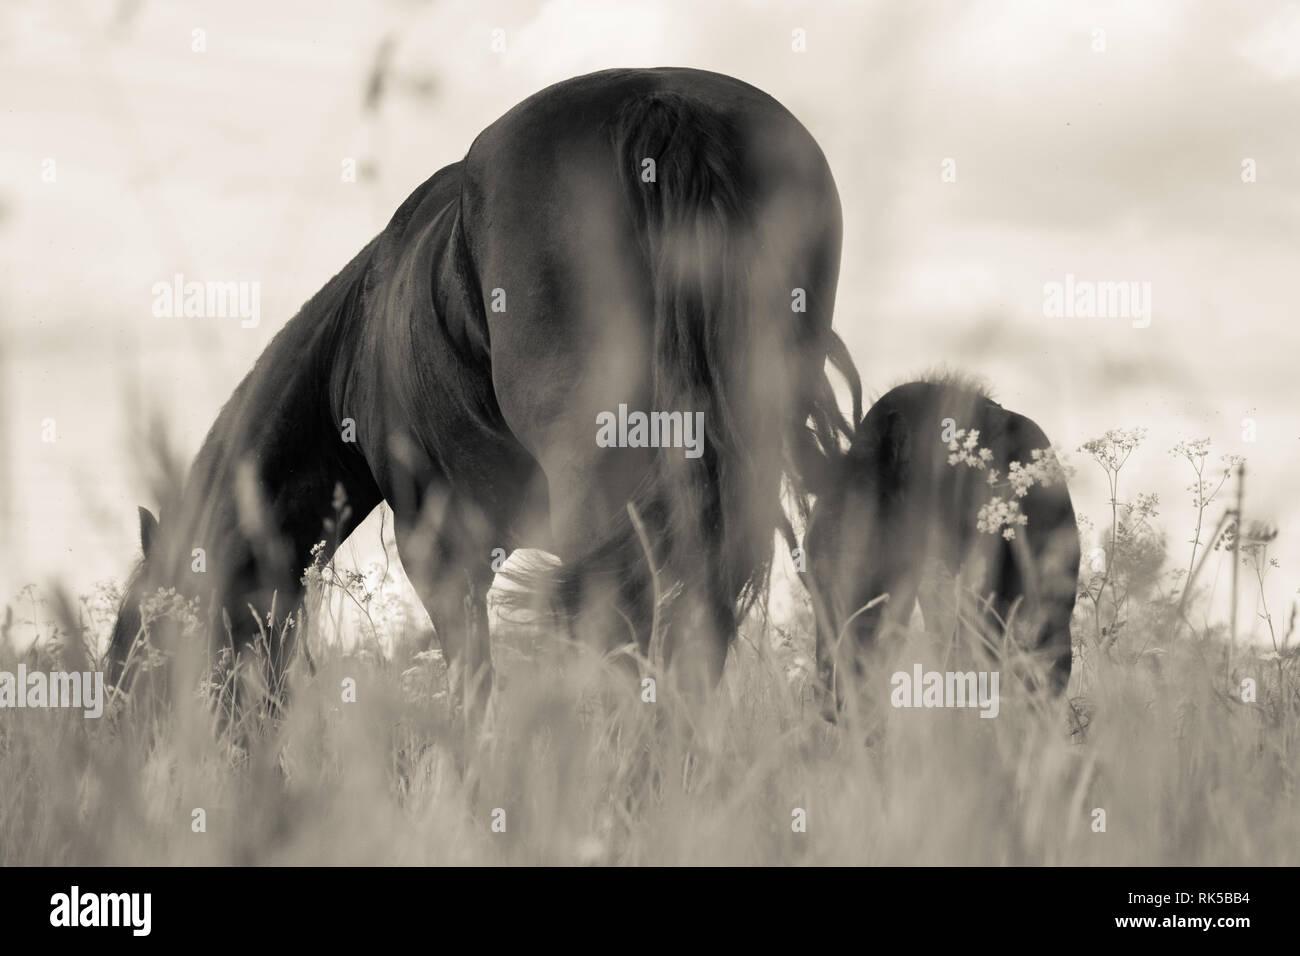 Groppa di un cavallo che è di pascolare nel campo. Orizzontale, in bianco e nero. Immagini Stock